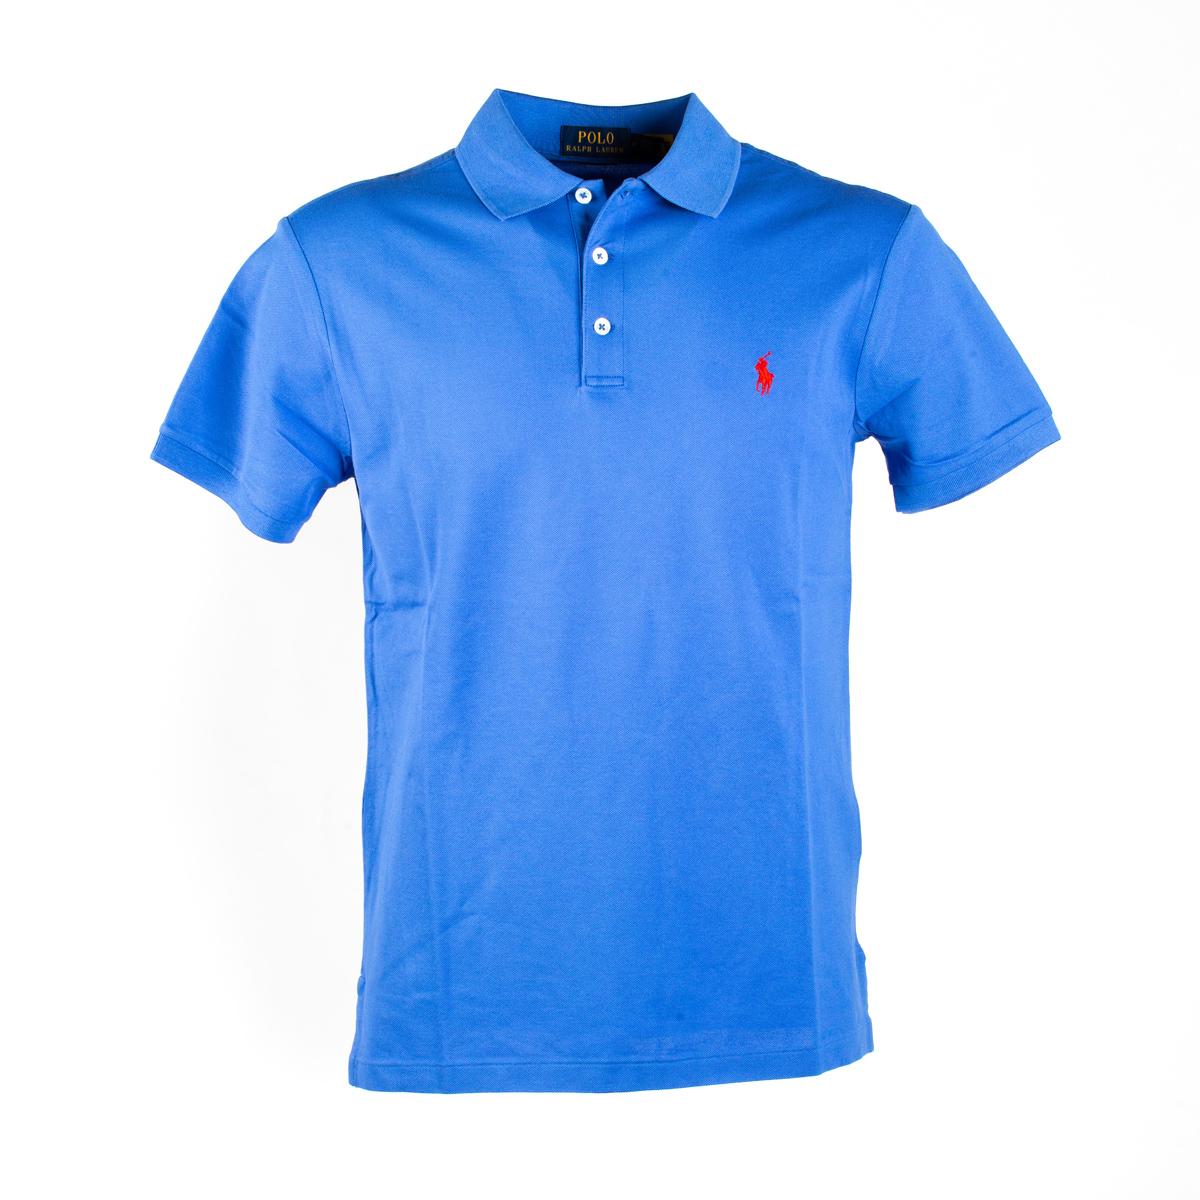 Polo Manica Corta Slim fit Polo Stretch Ralph Lauren Azzurro Intenso